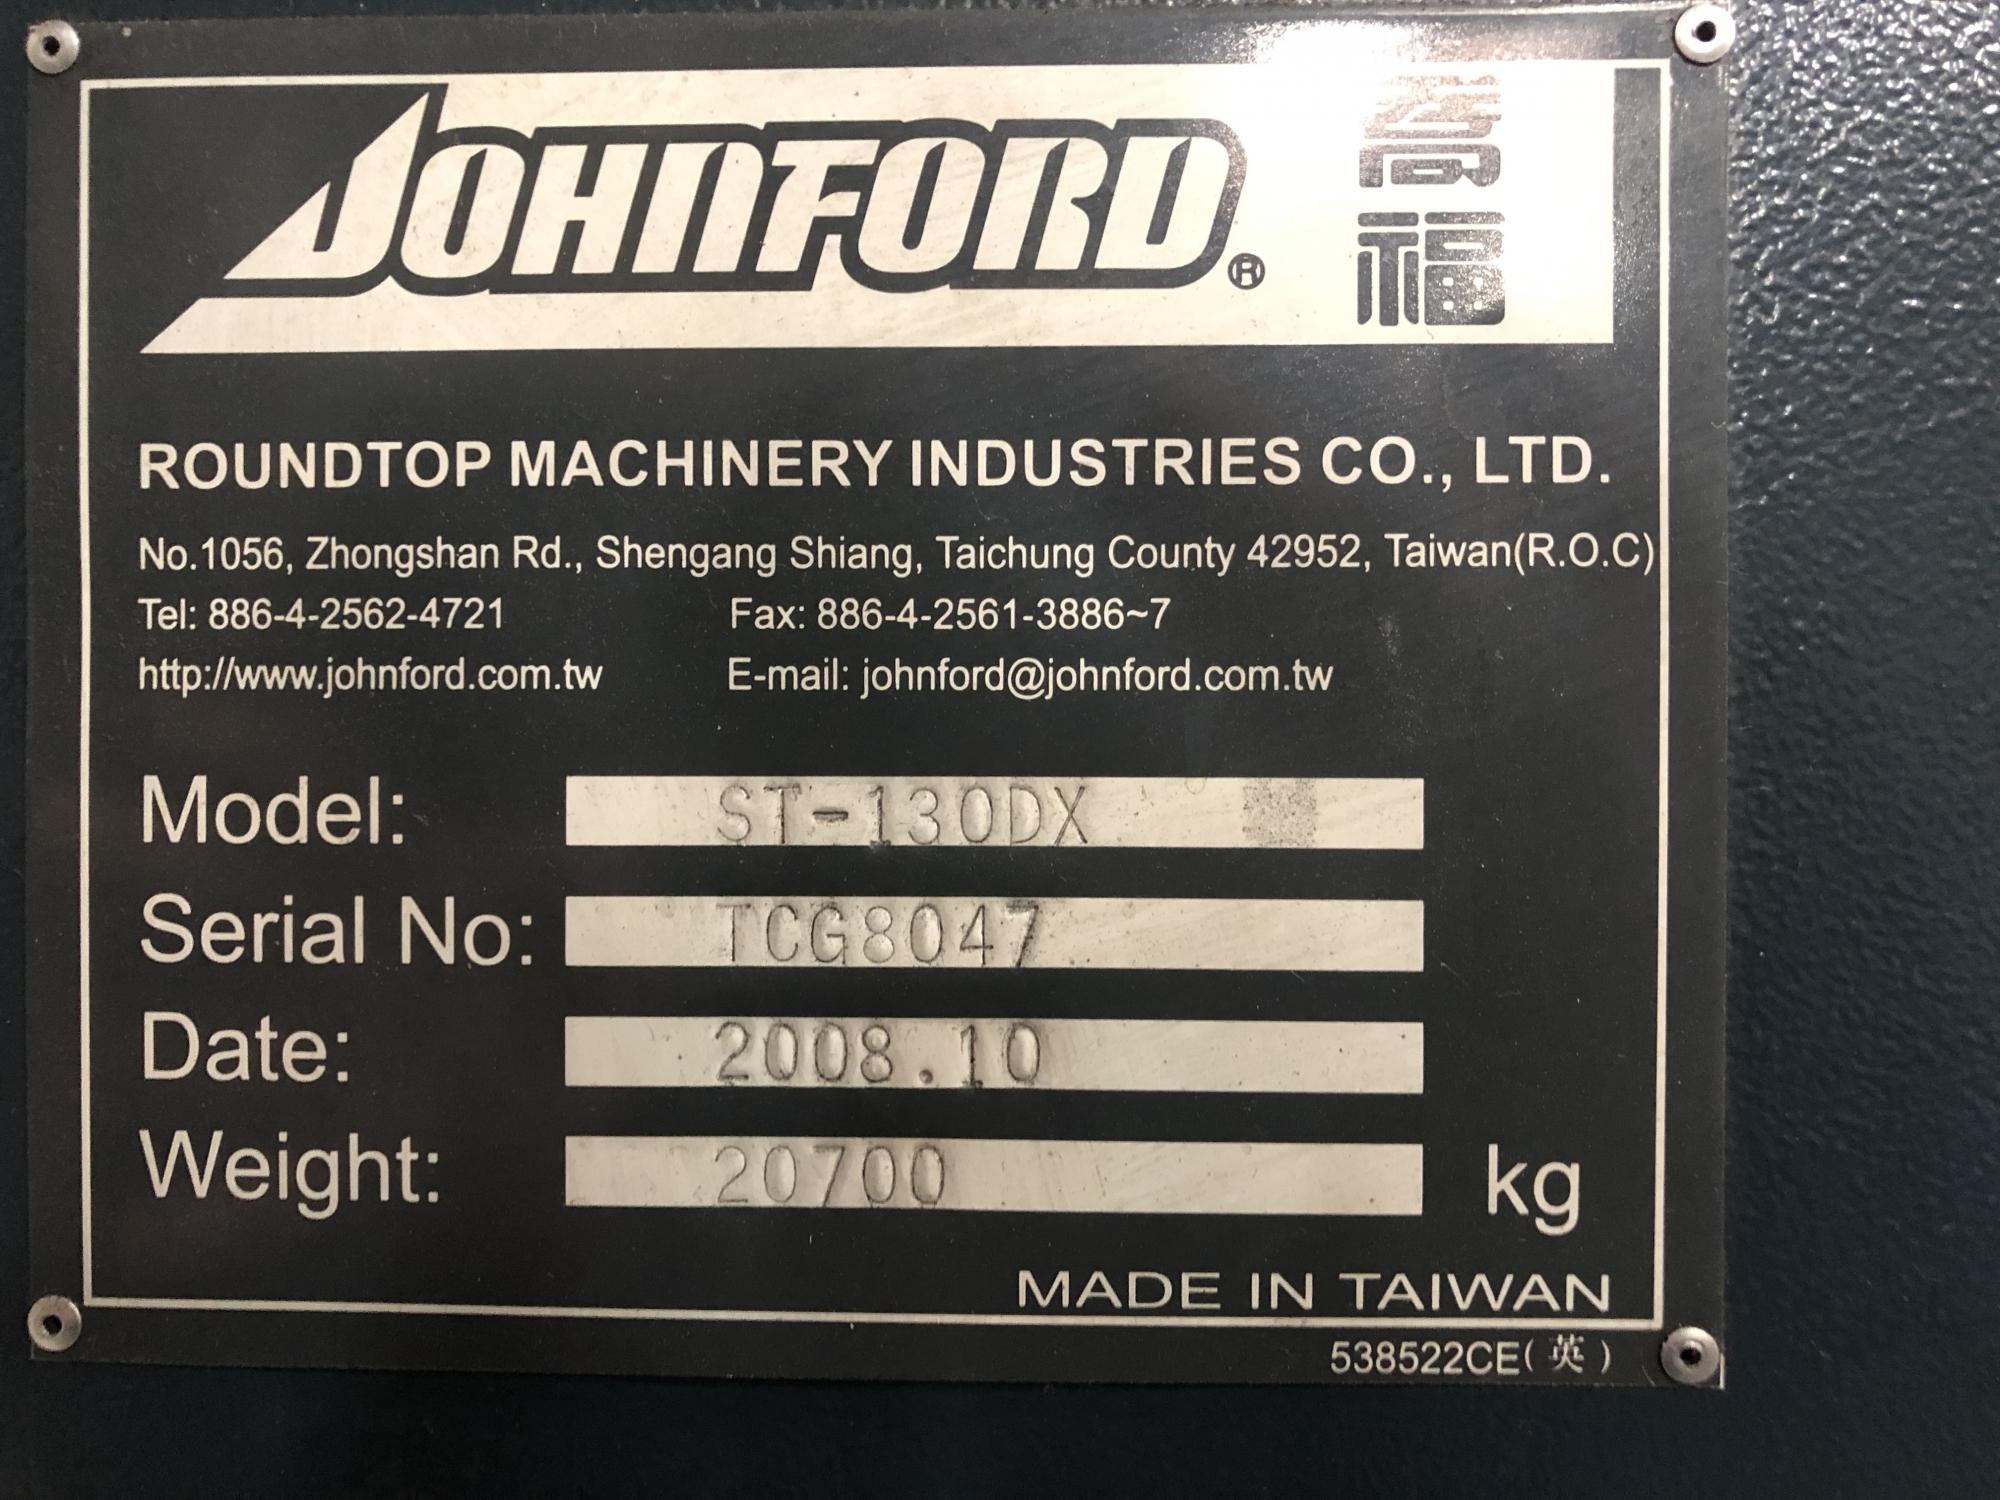 2008 JOHNFORD ST-130DX